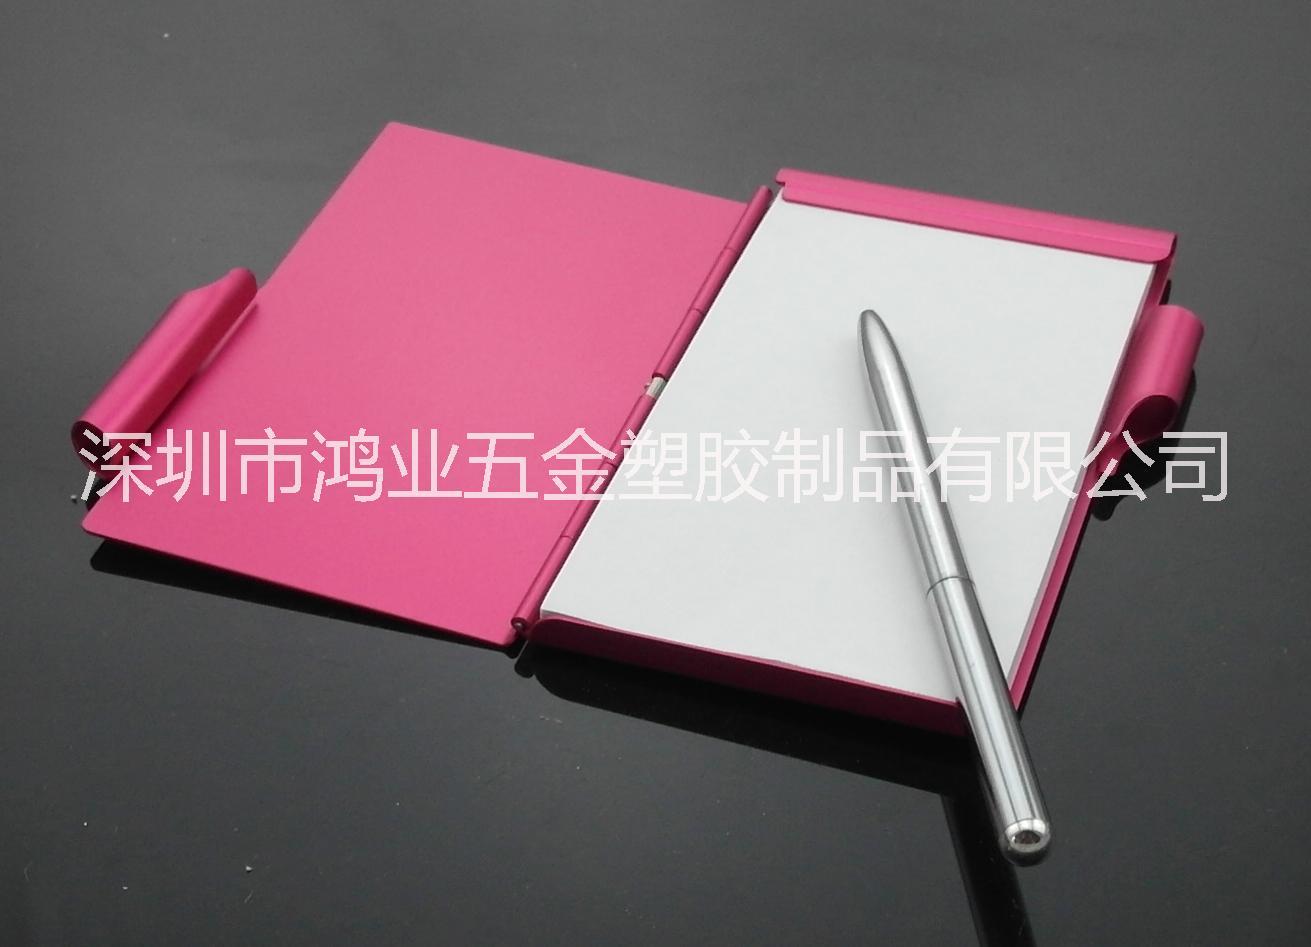 厂家专业生产铝合金带笔纸记事本 多功能记事本 可氧化各种颜色